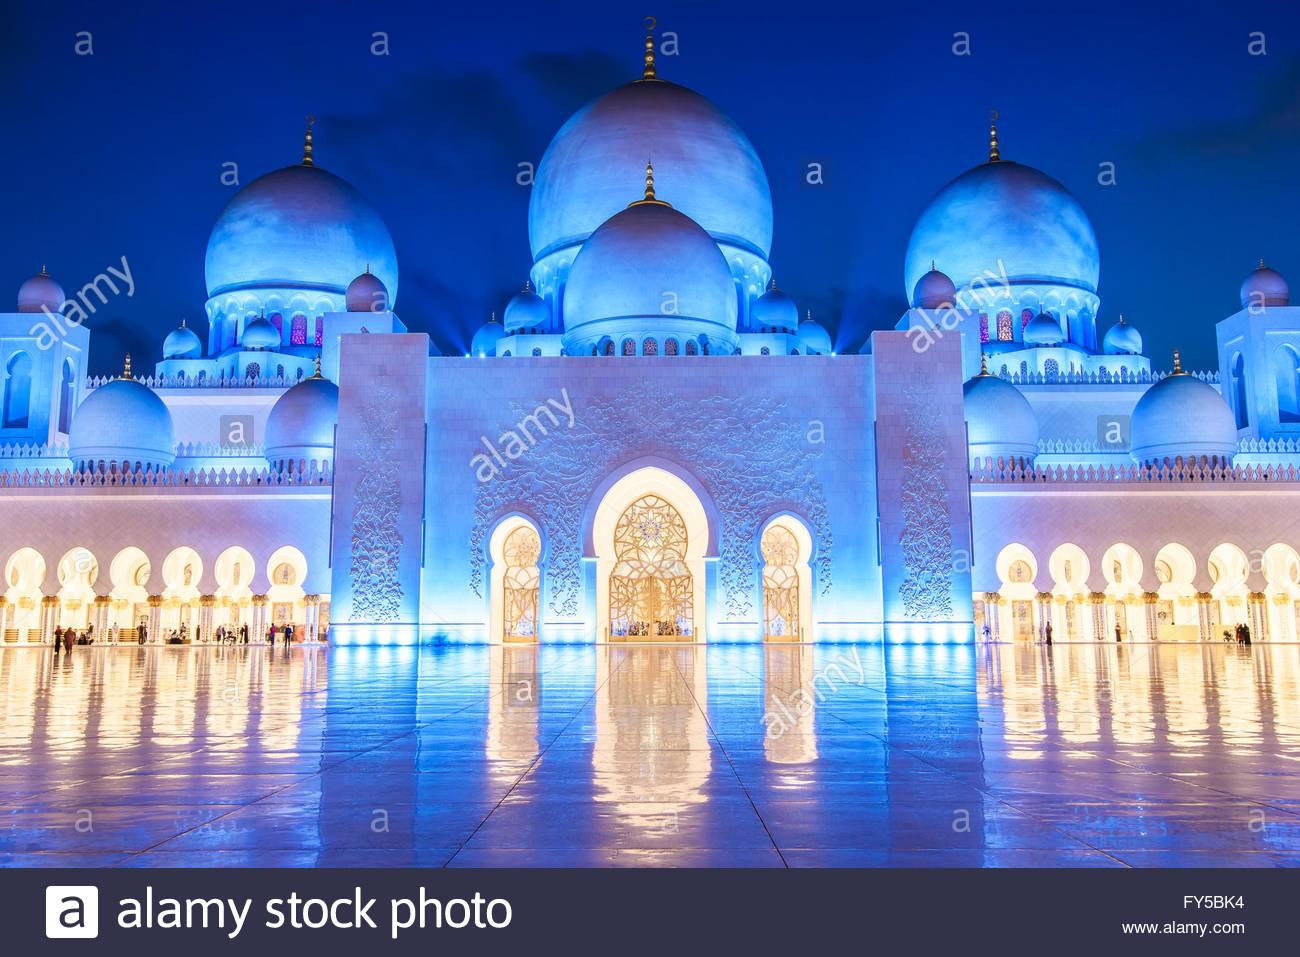 Abu Dhabi alberga la tercera mezquita más grande del mundo, después de los de la Meca y Medina en Arabia Saudita. Foto de stock